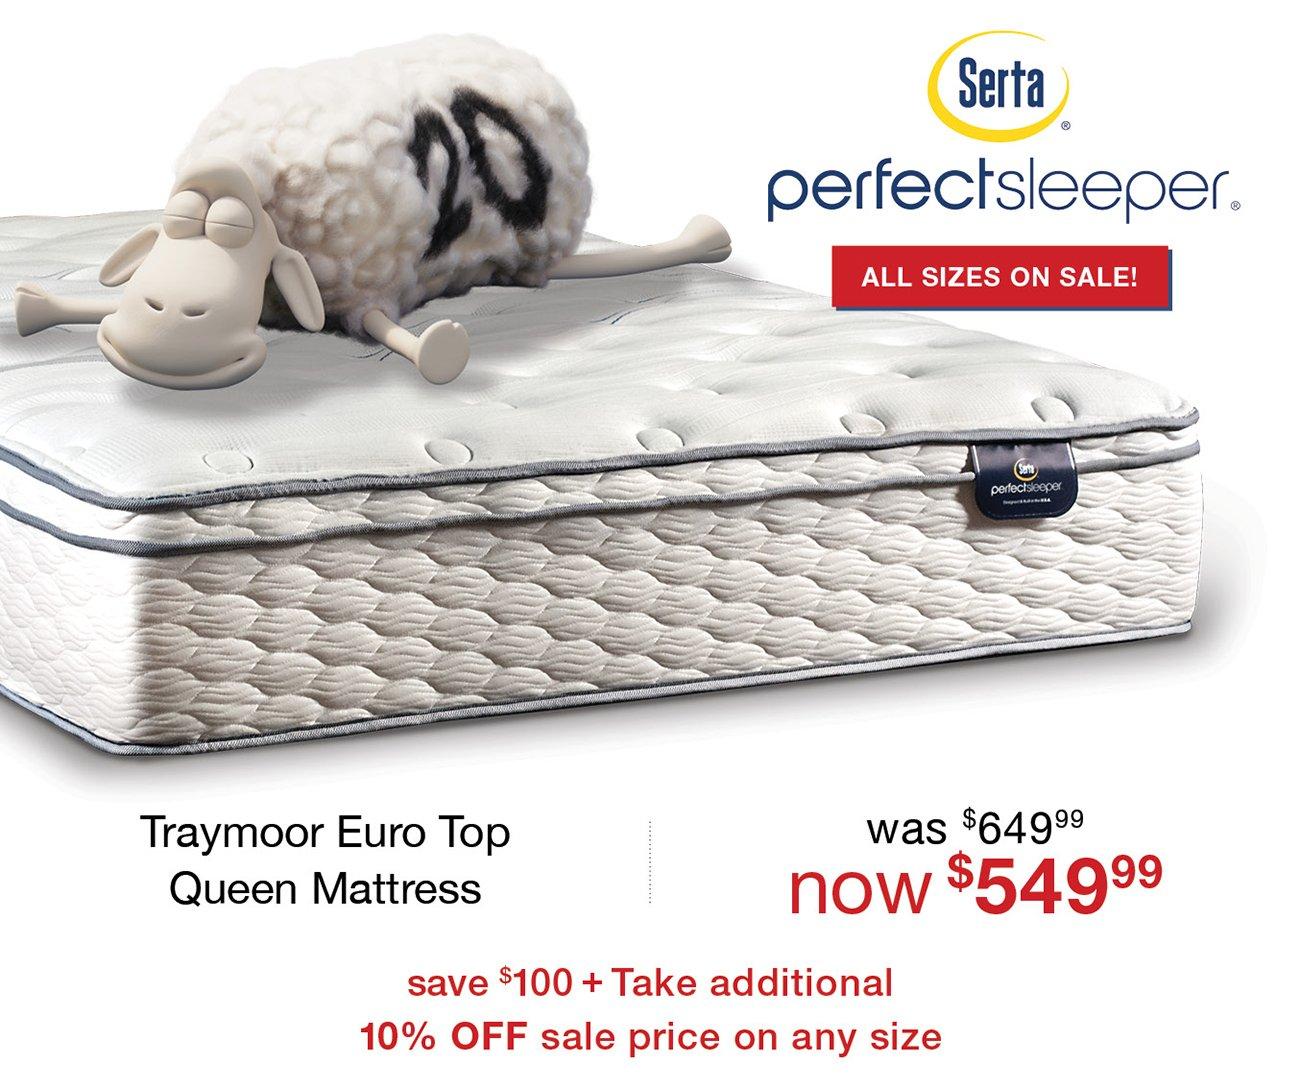 Serta-traymoor-queen-mattress